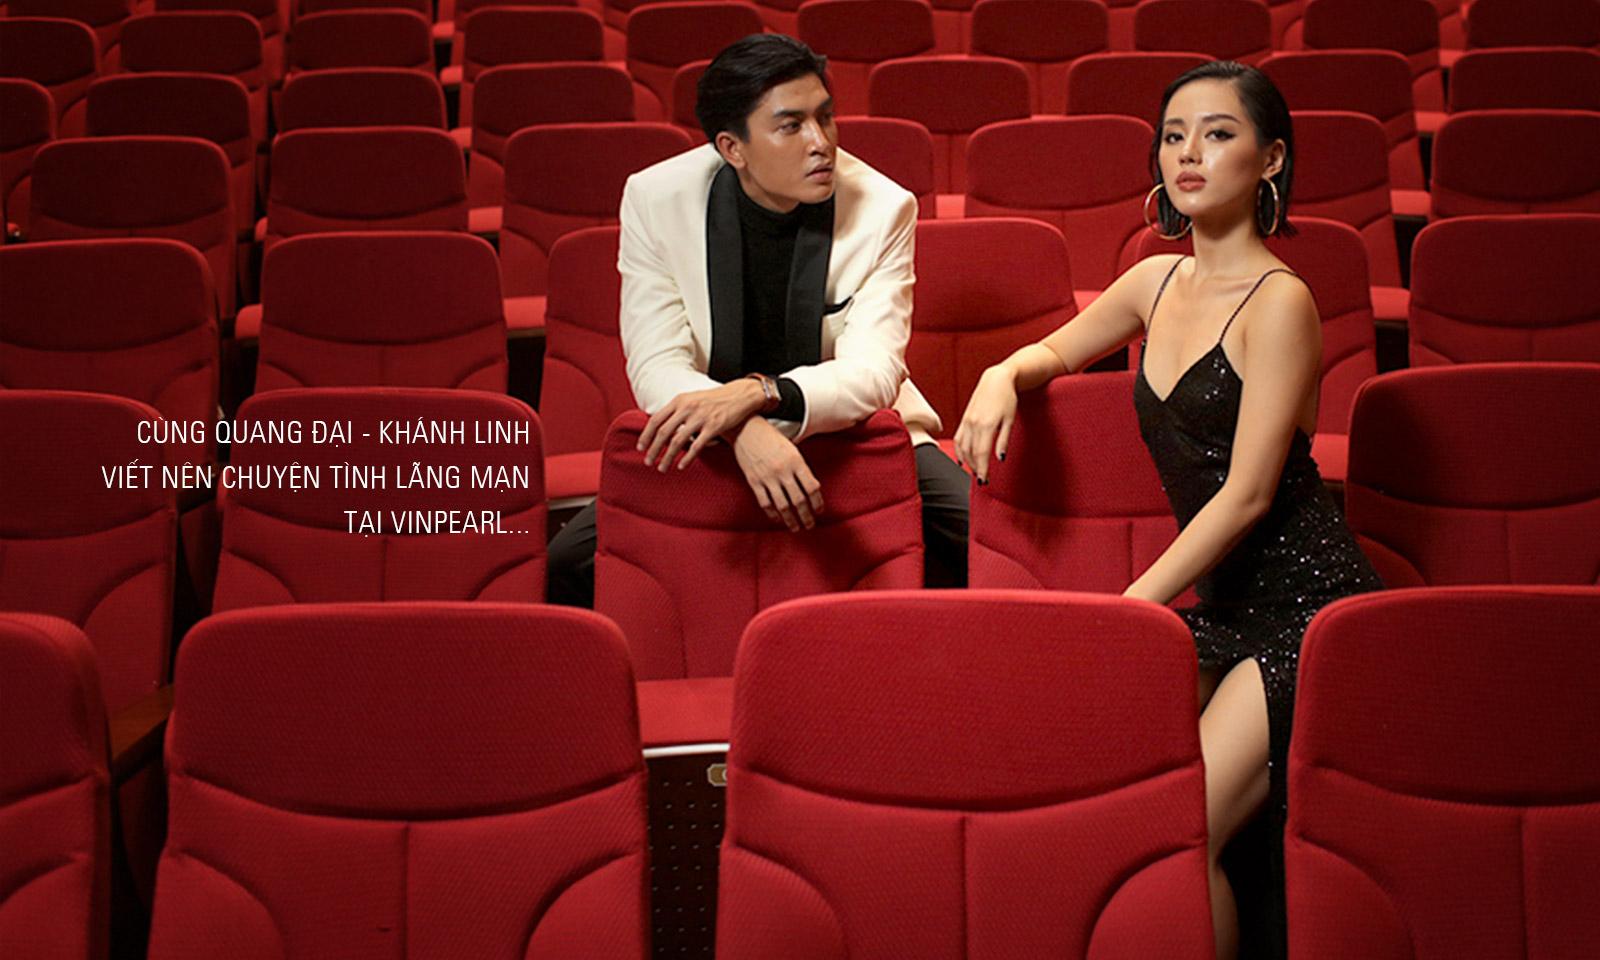 Cùng Quang Đại – Khánh Linh: Viết nên chuyện tình lãng mạn tại Vinpearl